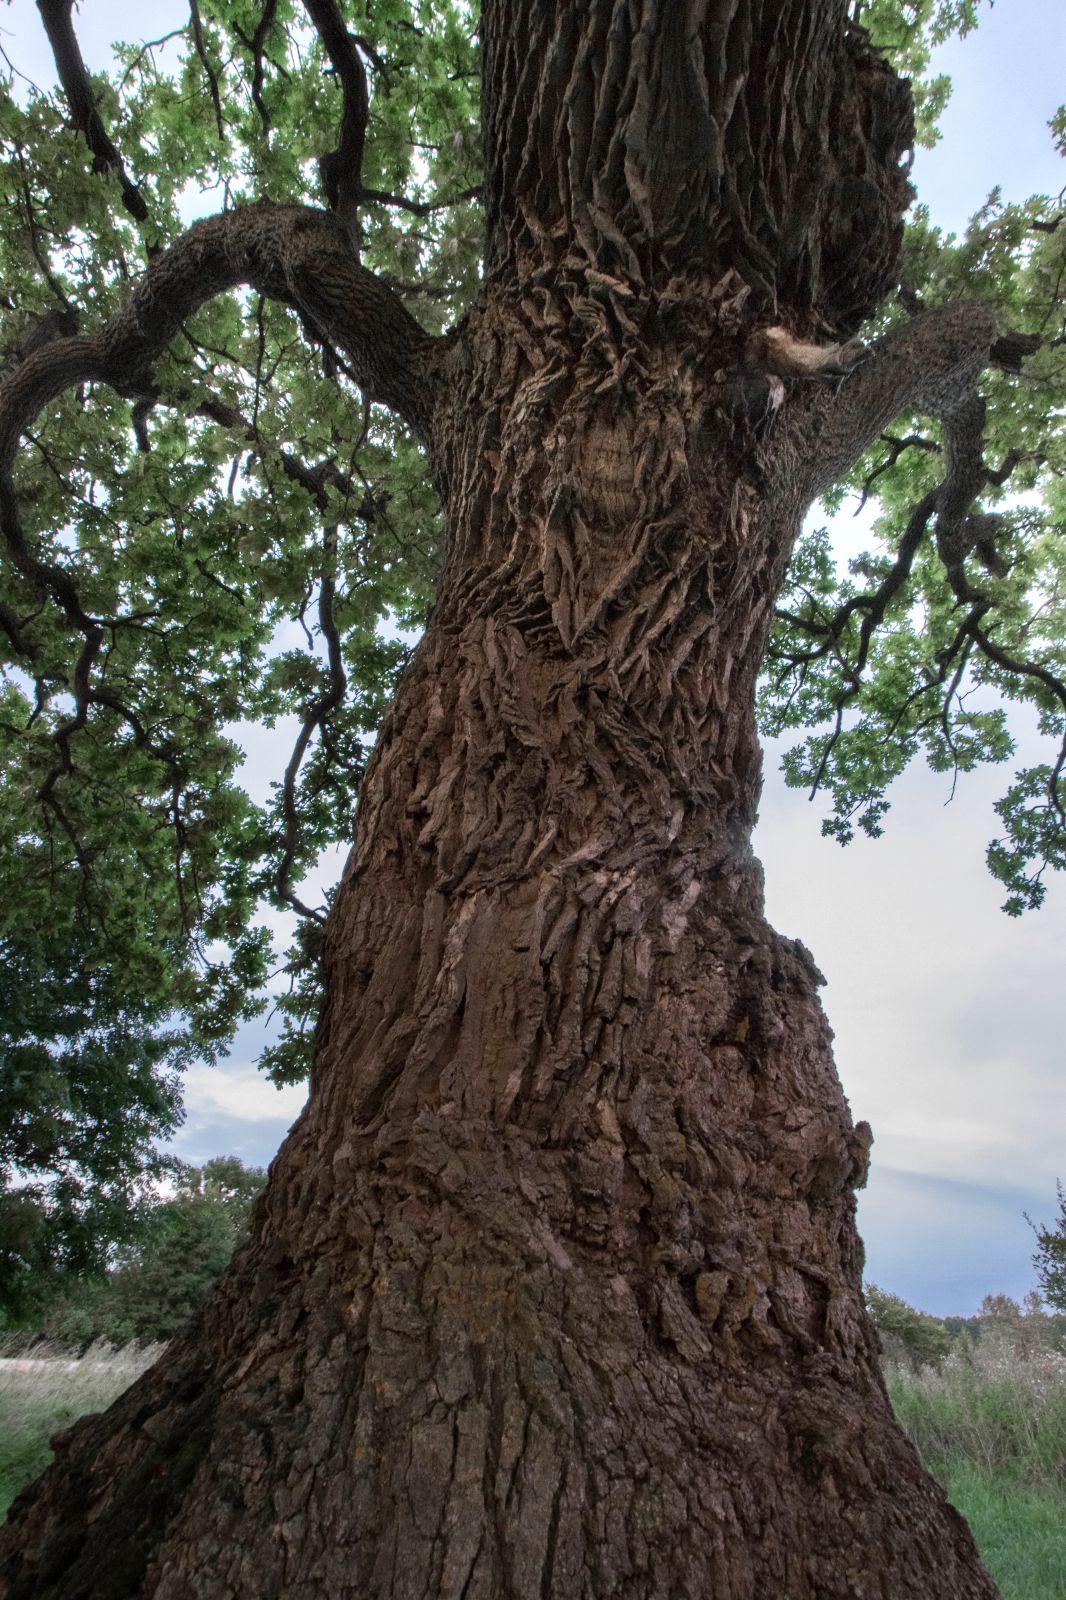 Tuhandeaastane tamm on näinud aegu ja rahvaid